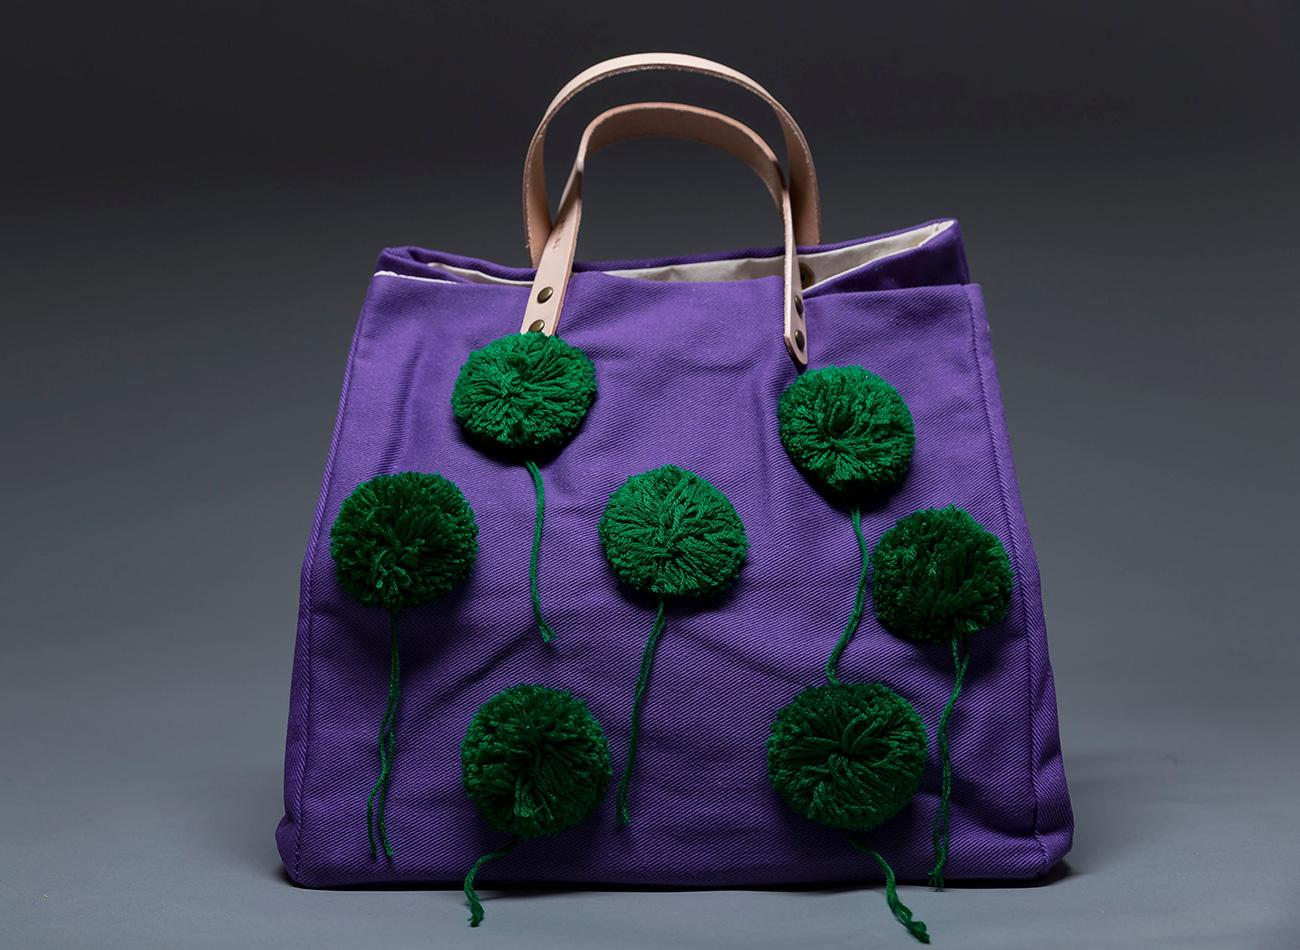 Purple Pom-Pom Totes